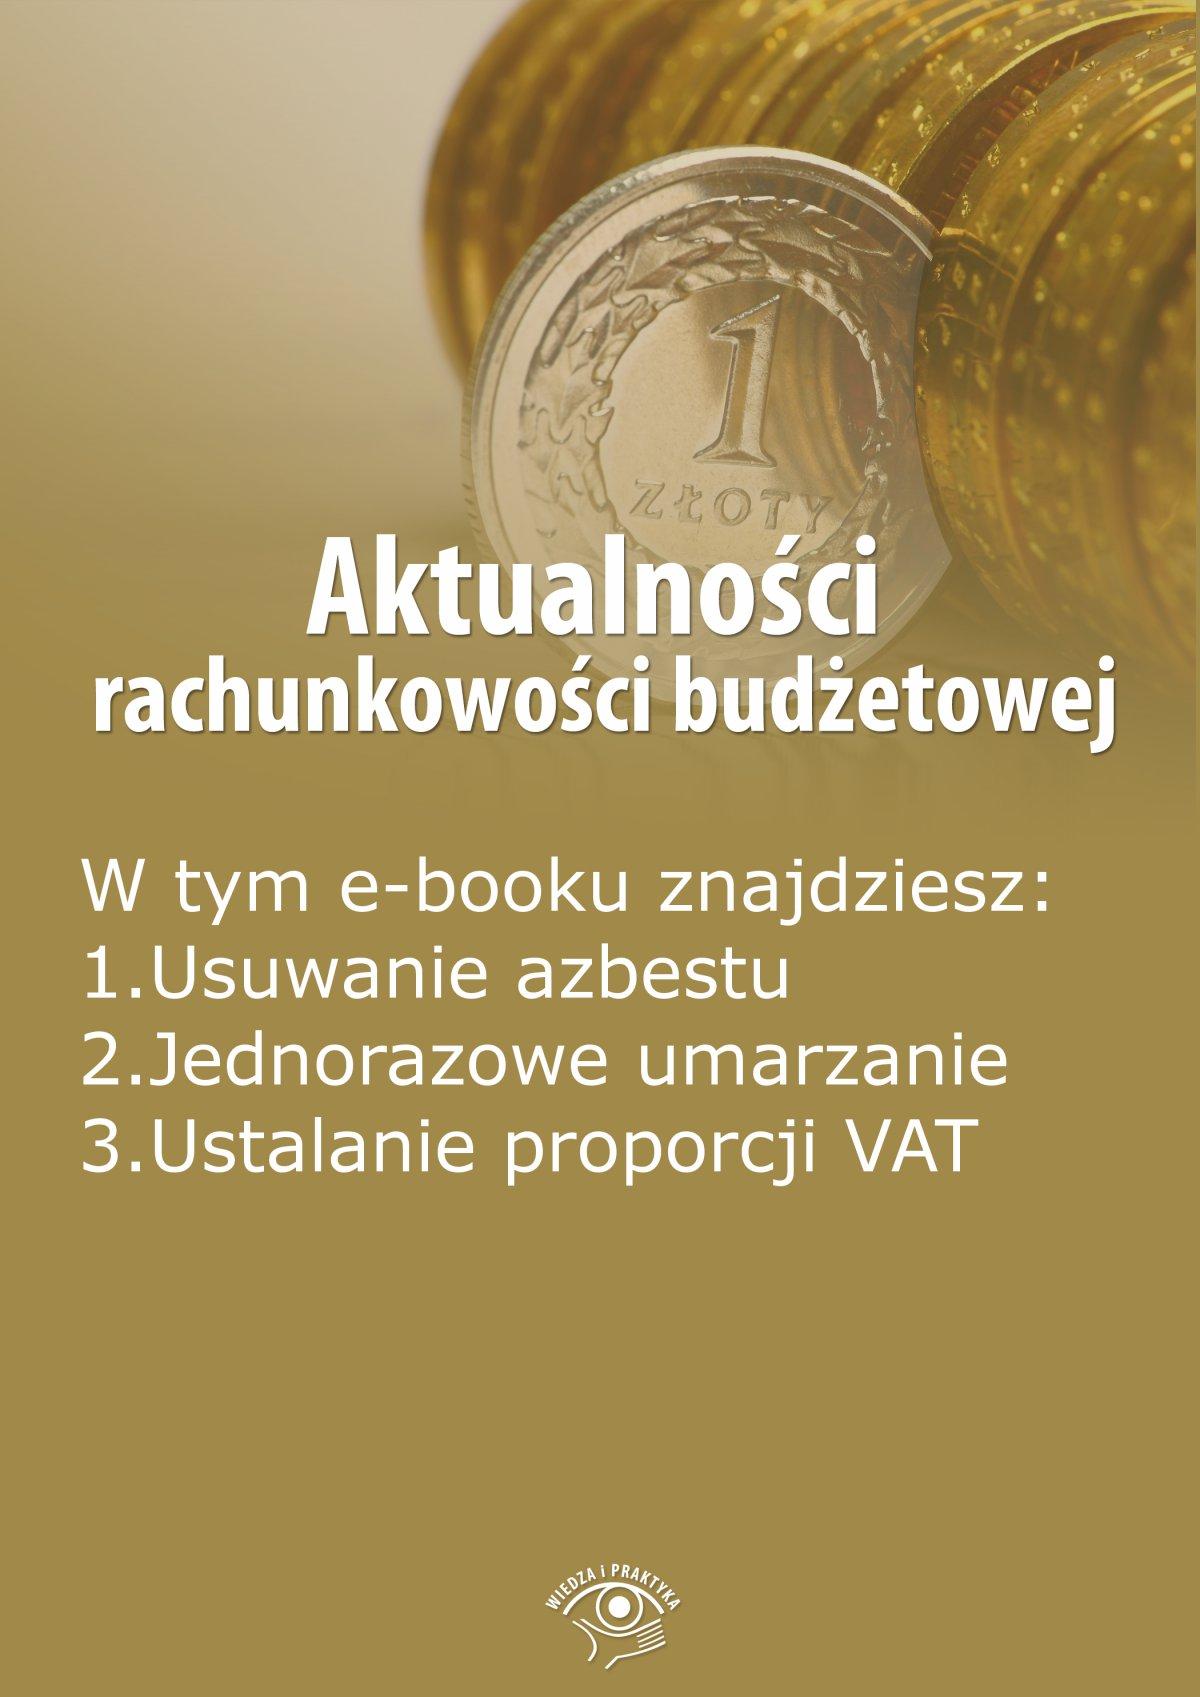 Aktualności rachunkowości budżetowej, wydanie lipiec 2015 r. - Ebook (Książka EPUB) do pobrania w formacie EPUB